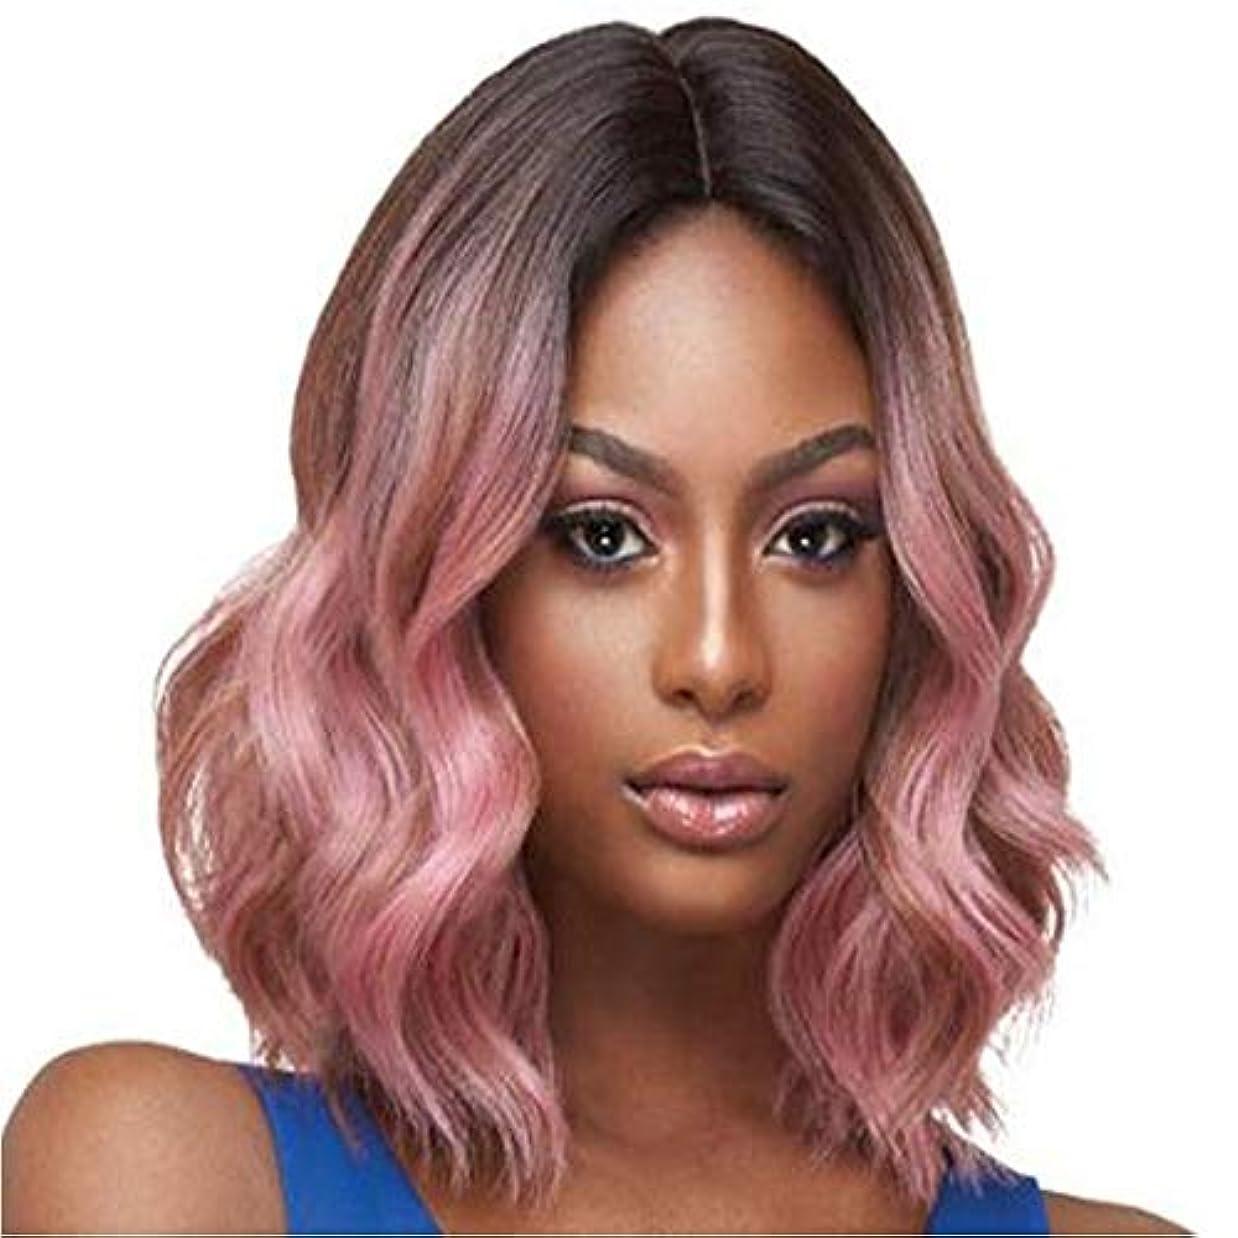 大破一般化するパイプラインヘアエクステンションピンクショート合成かつら女性用髪水波かつら高温ファイバーウィッグボブヘアカットショートオンブル合成かつら女性用デイウェアコスプレやパーティー